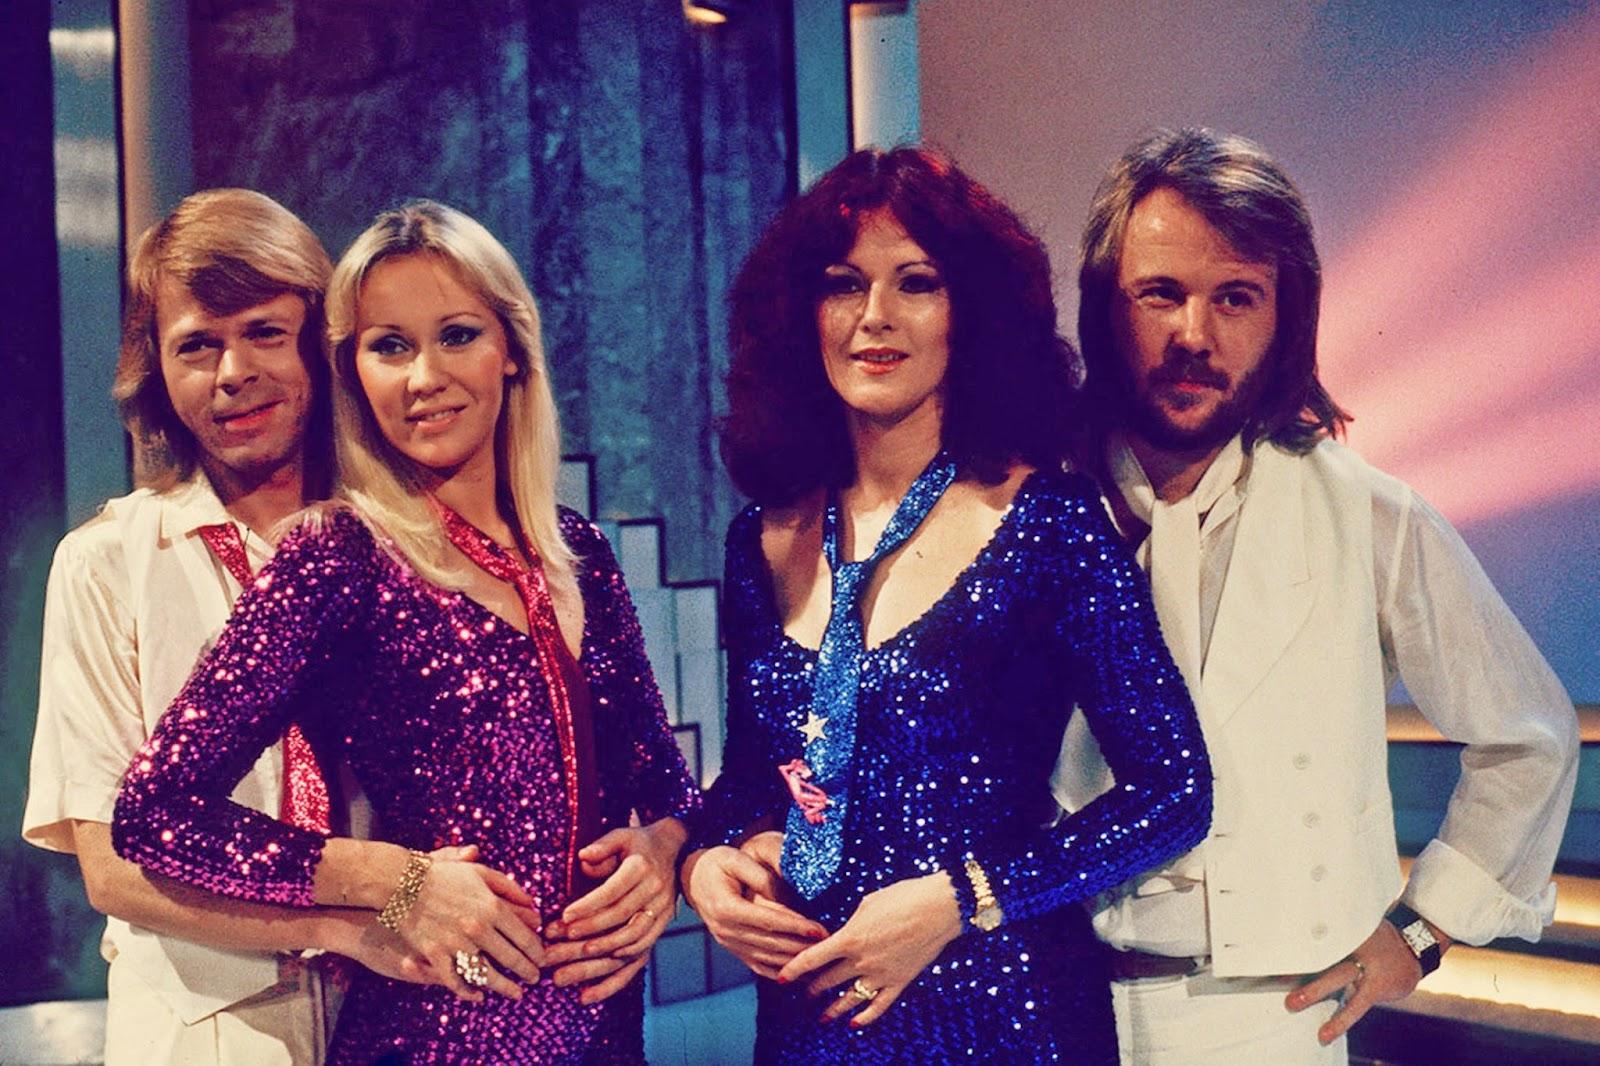 Björn, Agnetha, Anni-Frid y Benny, ABBA